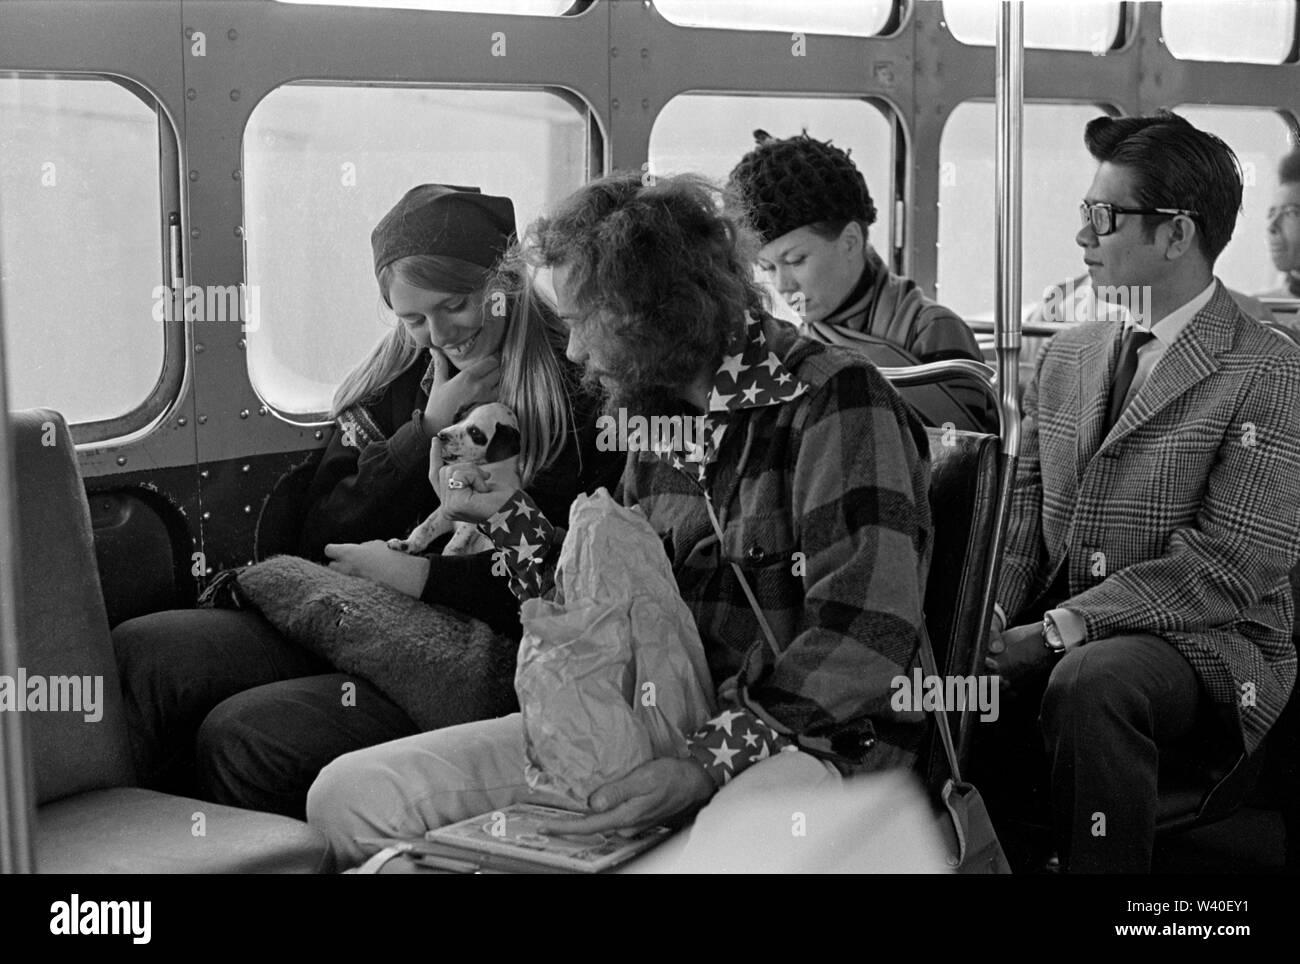 Los hippies hippie pareja americana con pet perrito Haight-Ashbury montando un bus en San Francisco. 1969 EE.UU. 60s 1960 Nosotros Homero SYKES Foto de stock